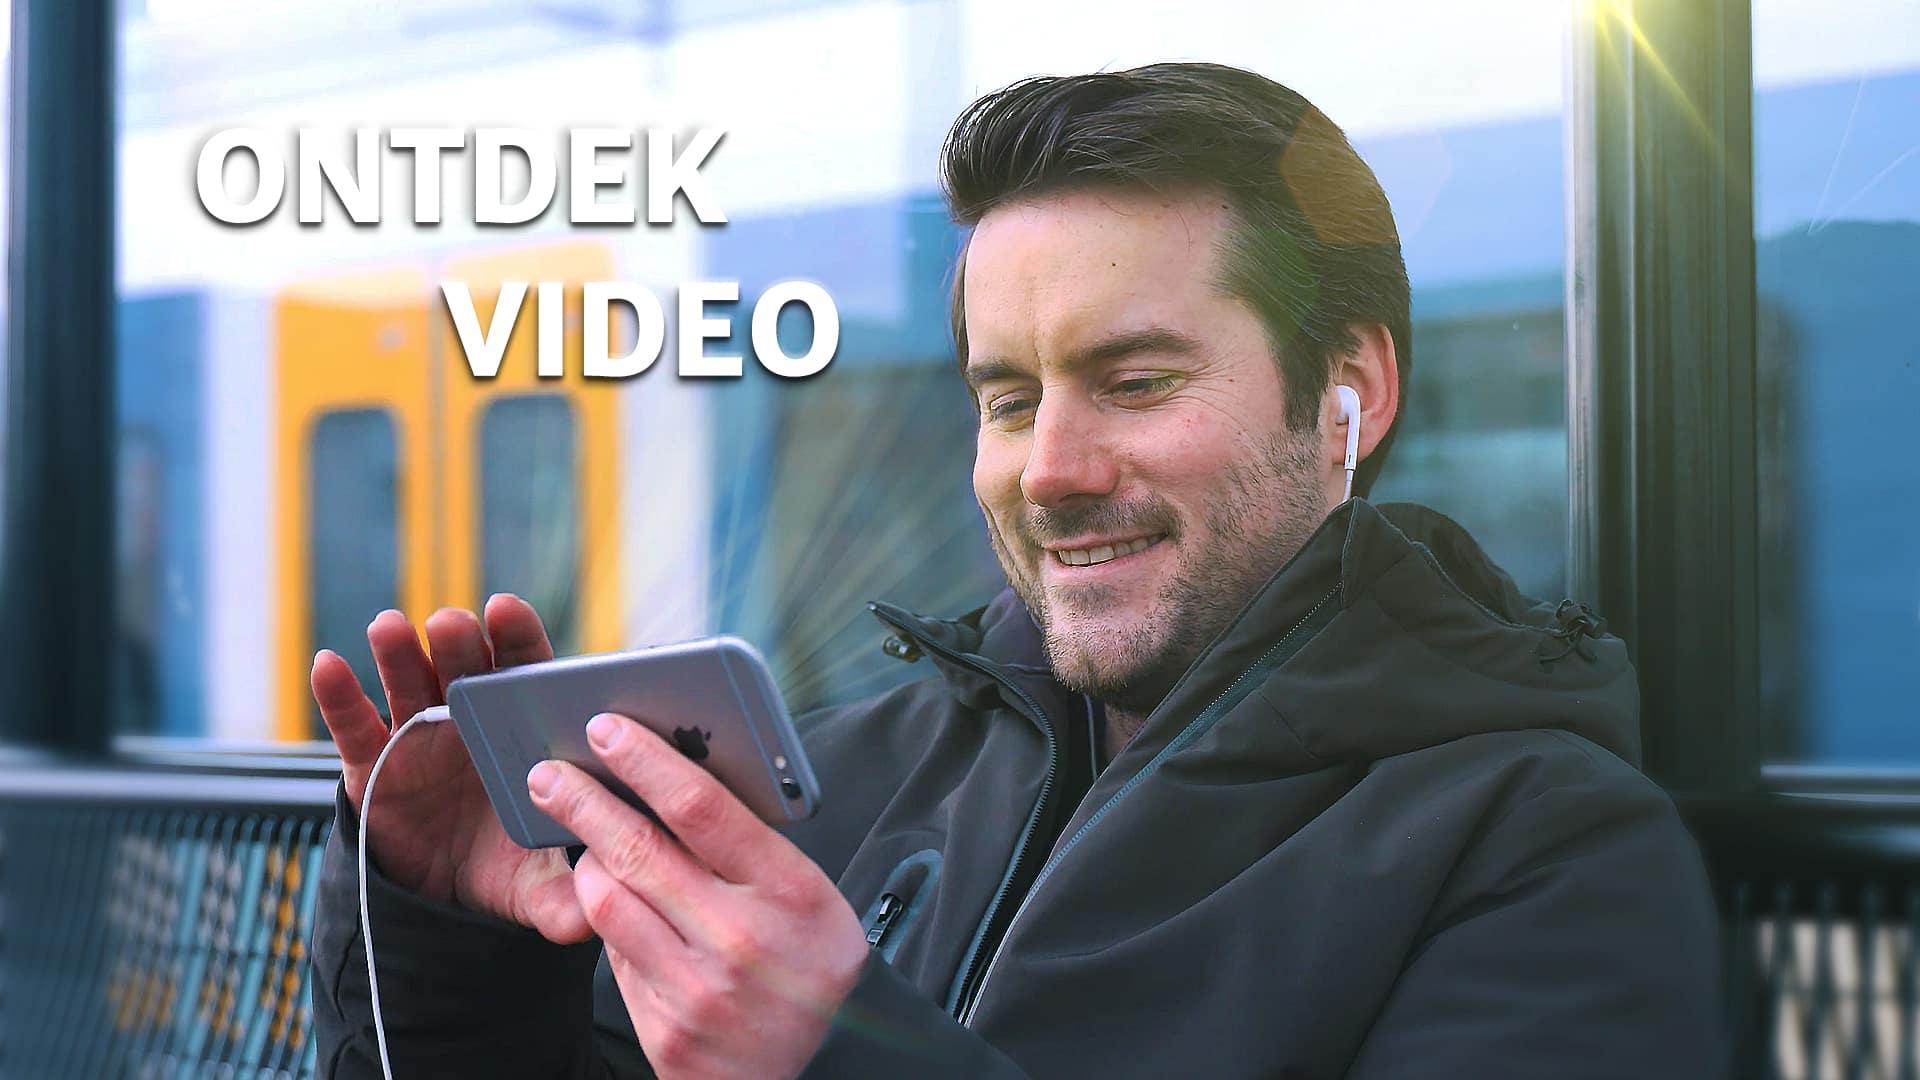 Thumbnail - Portfolio - Ontdek video - Bedrijfsfilm video werkt - ZoomWorks- JPG